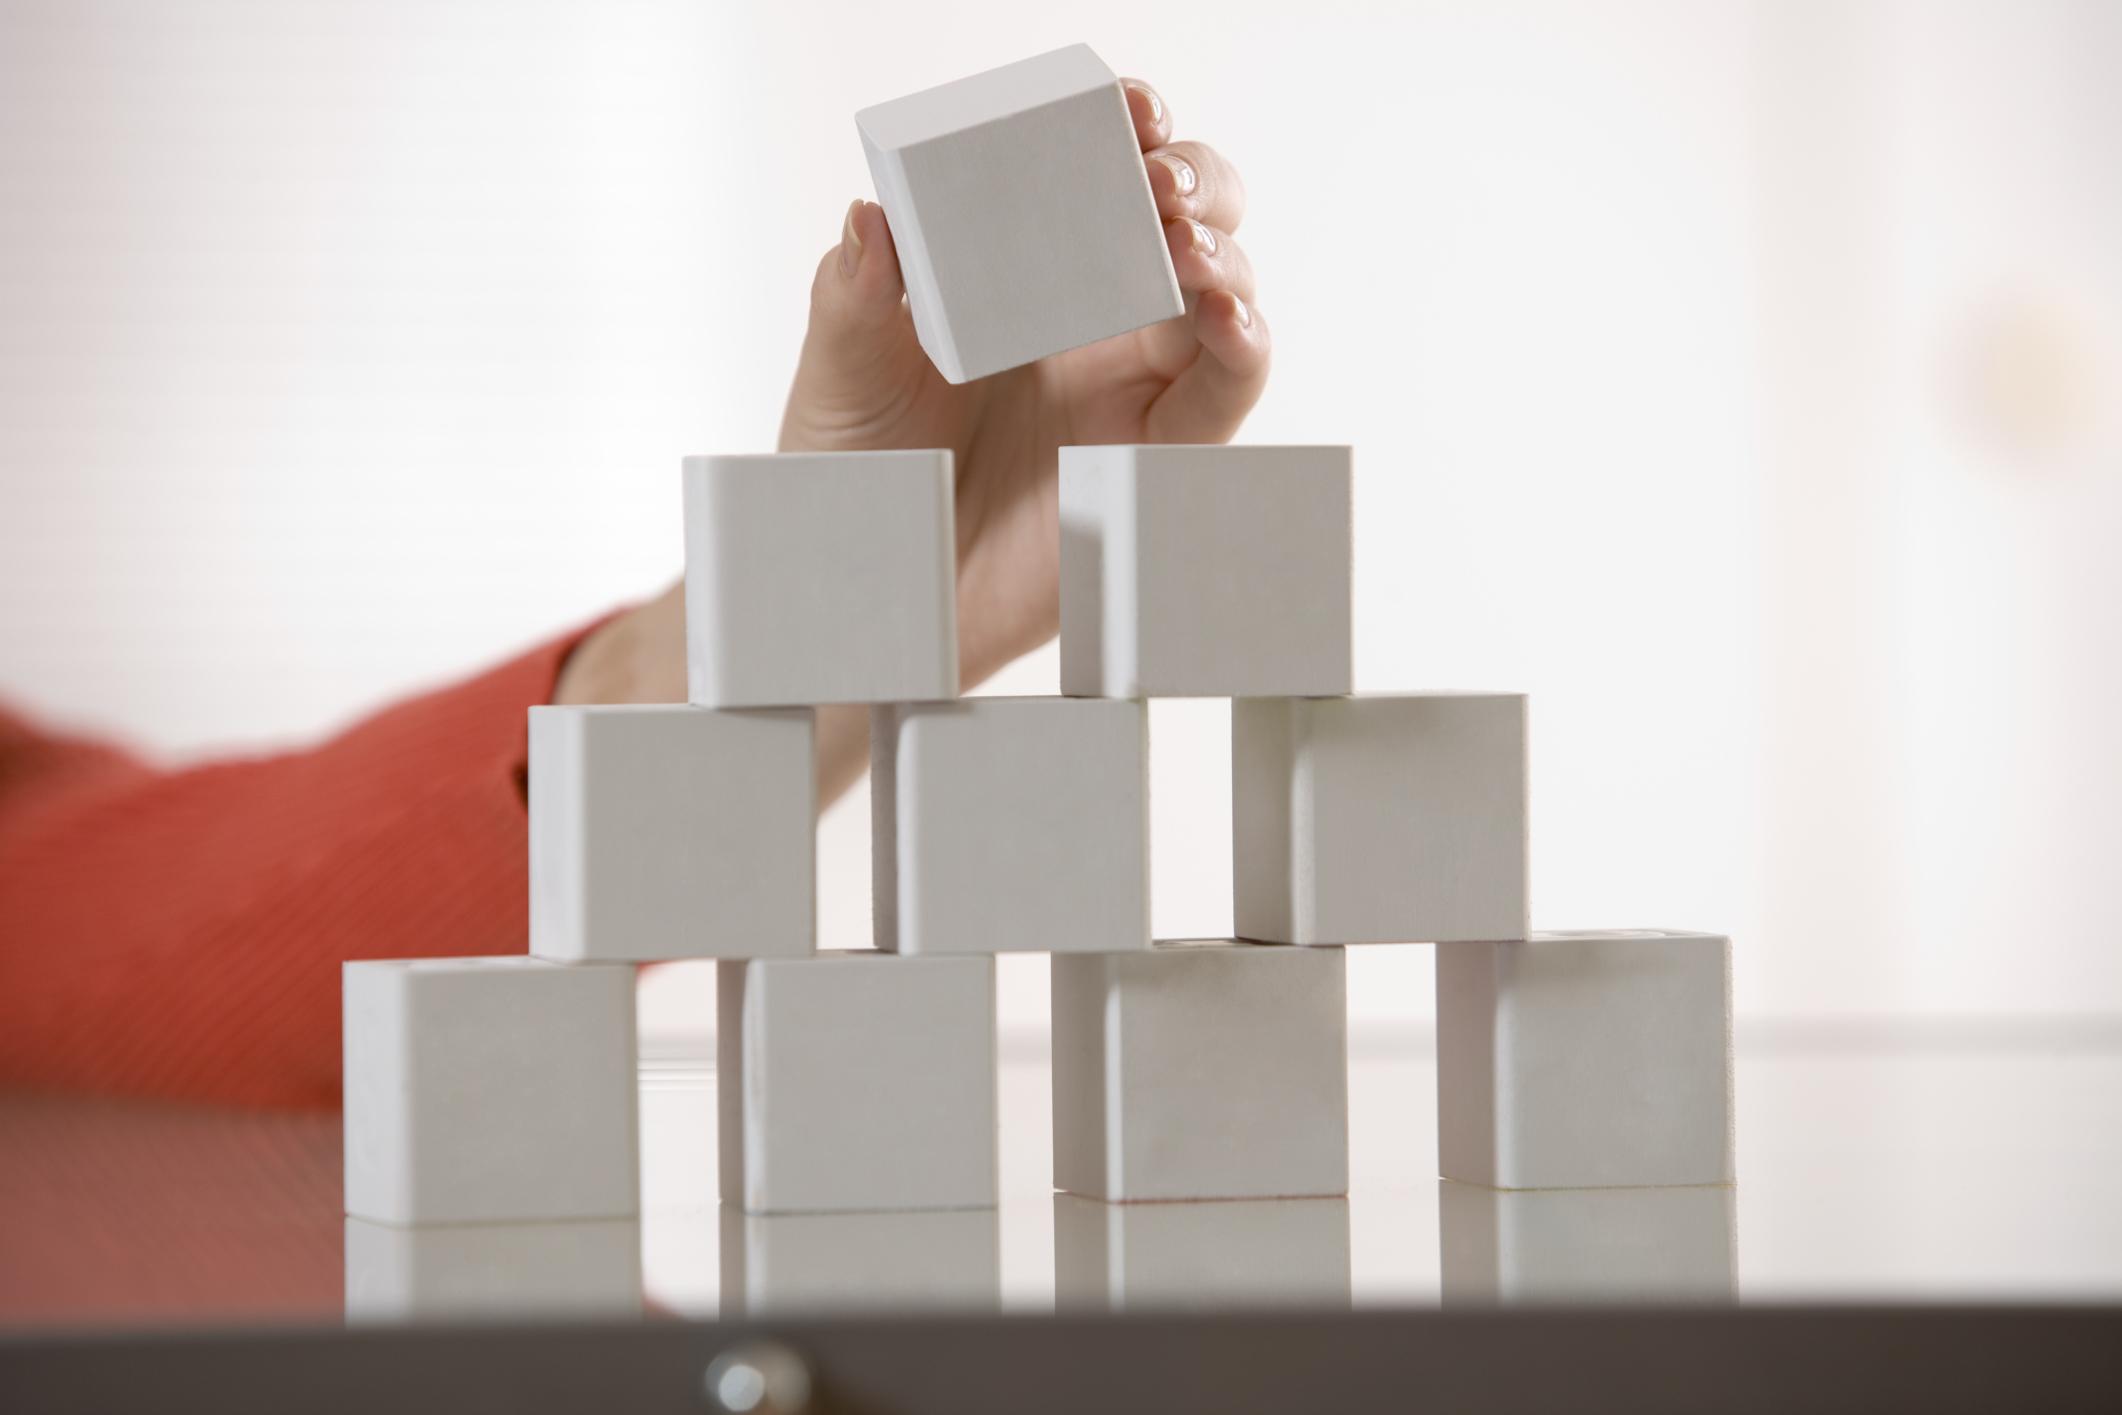 Hand stacking blocks